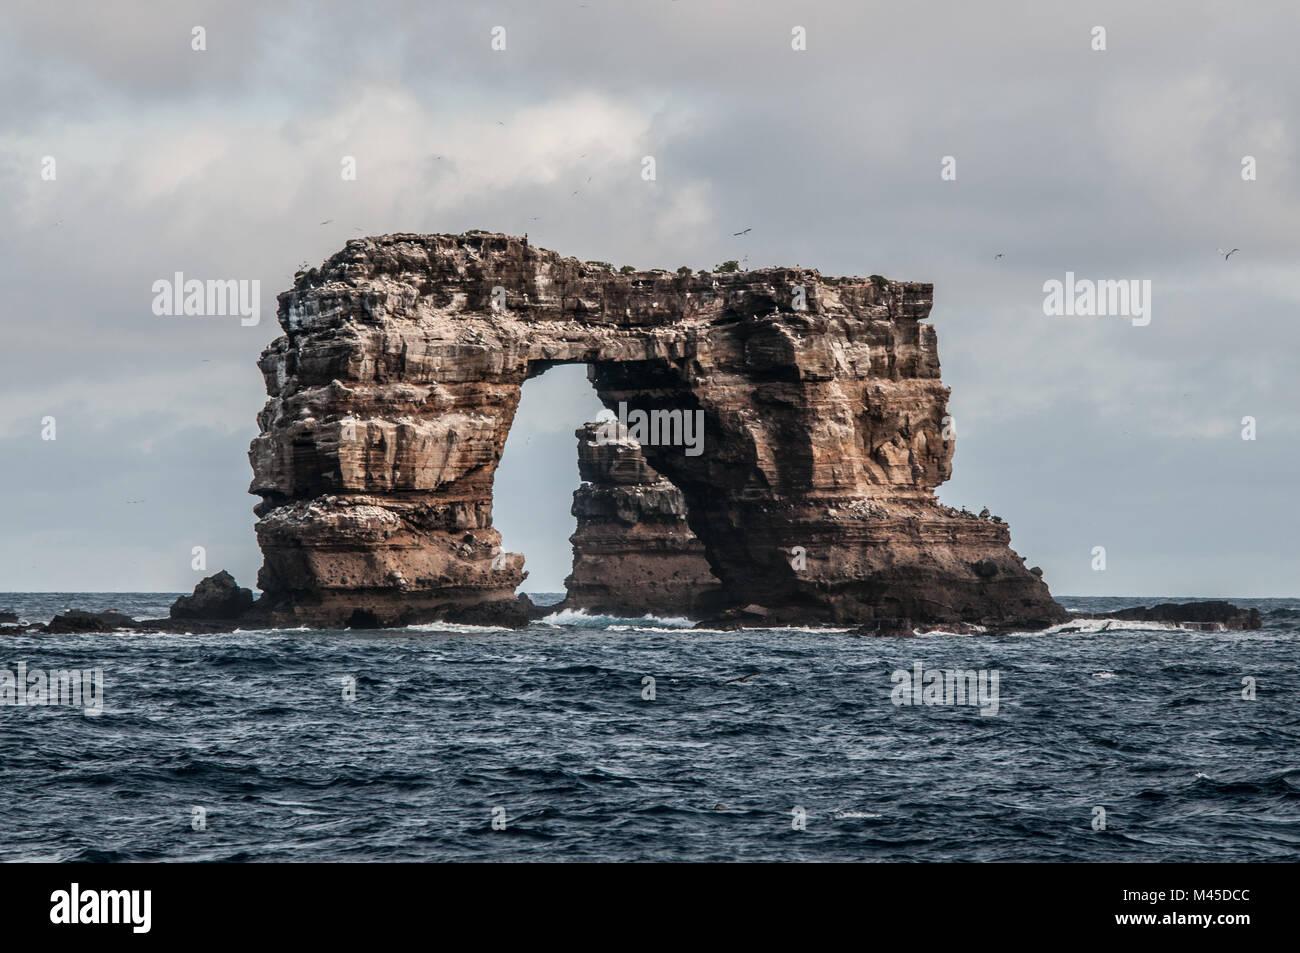 L'arche de Darwin, Darwin, de l'île Seymour, Galapagos, Equateur, Amérique du Sud Banque D'Images